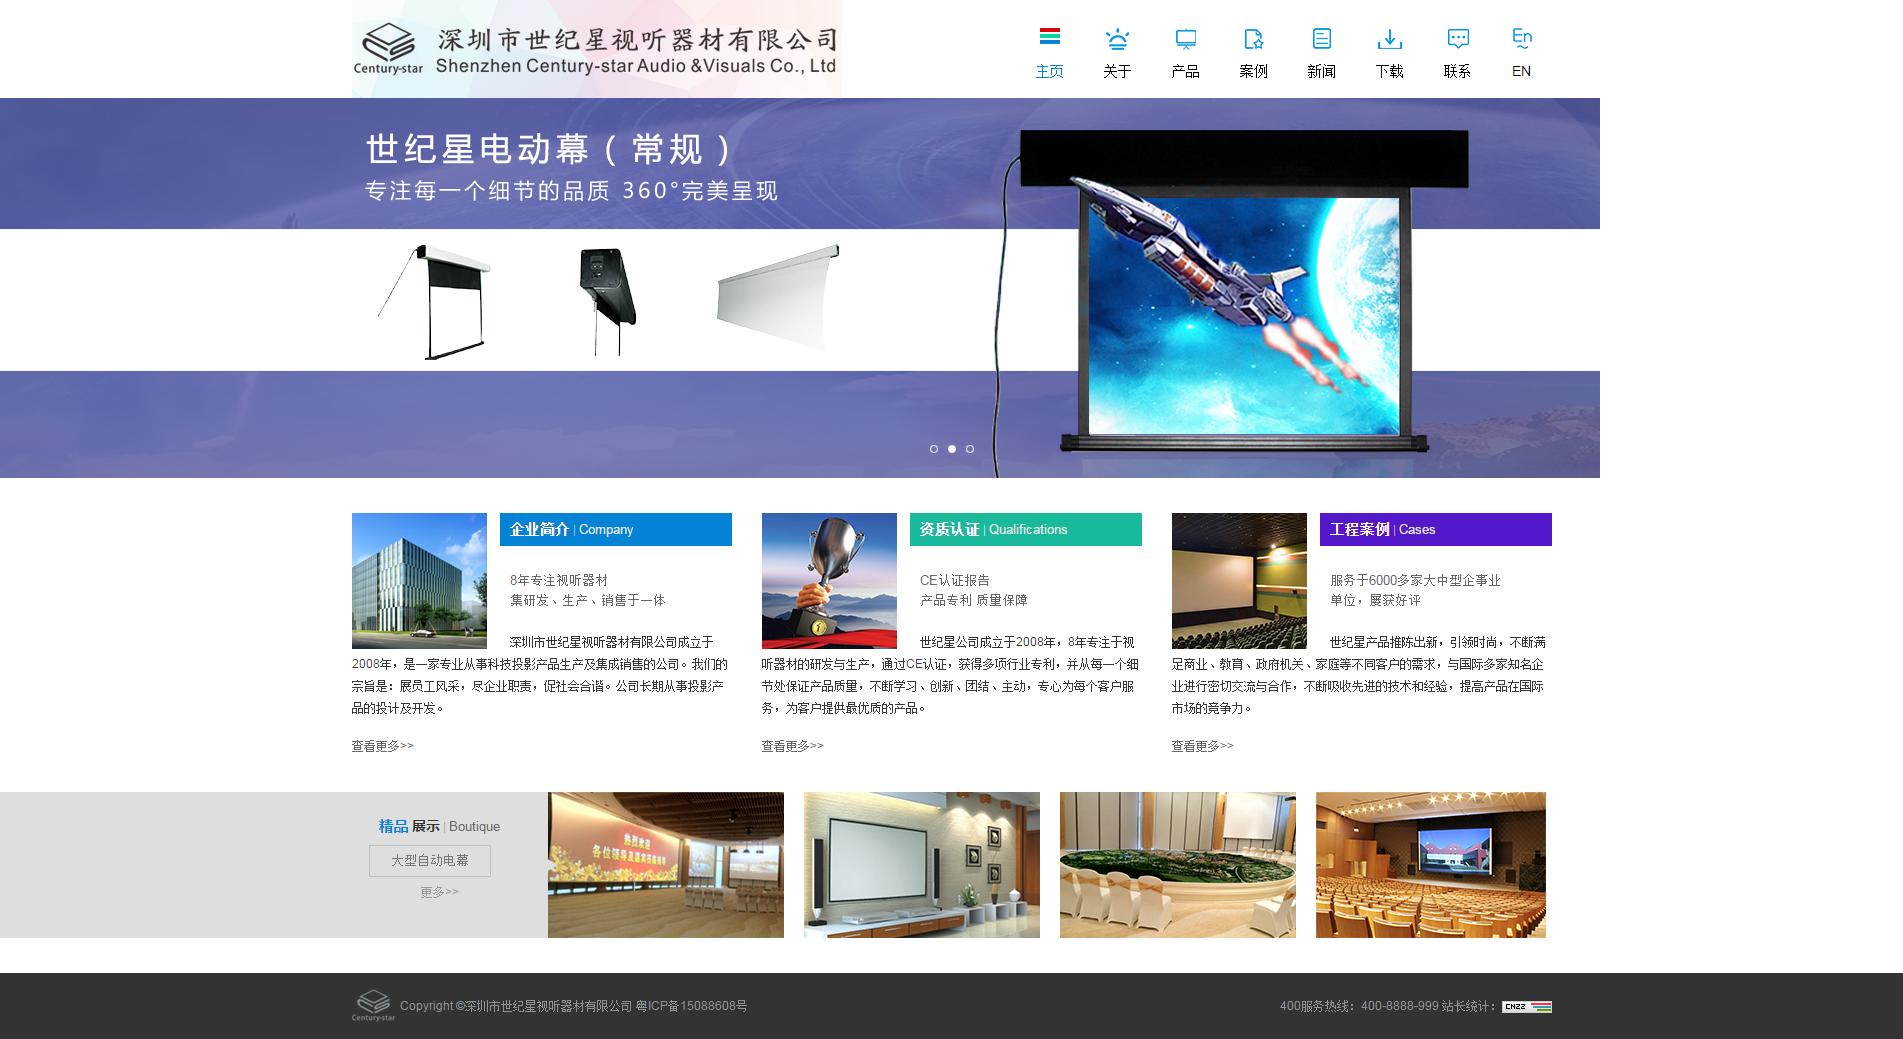 深圳市世纪星视听器材有限公司